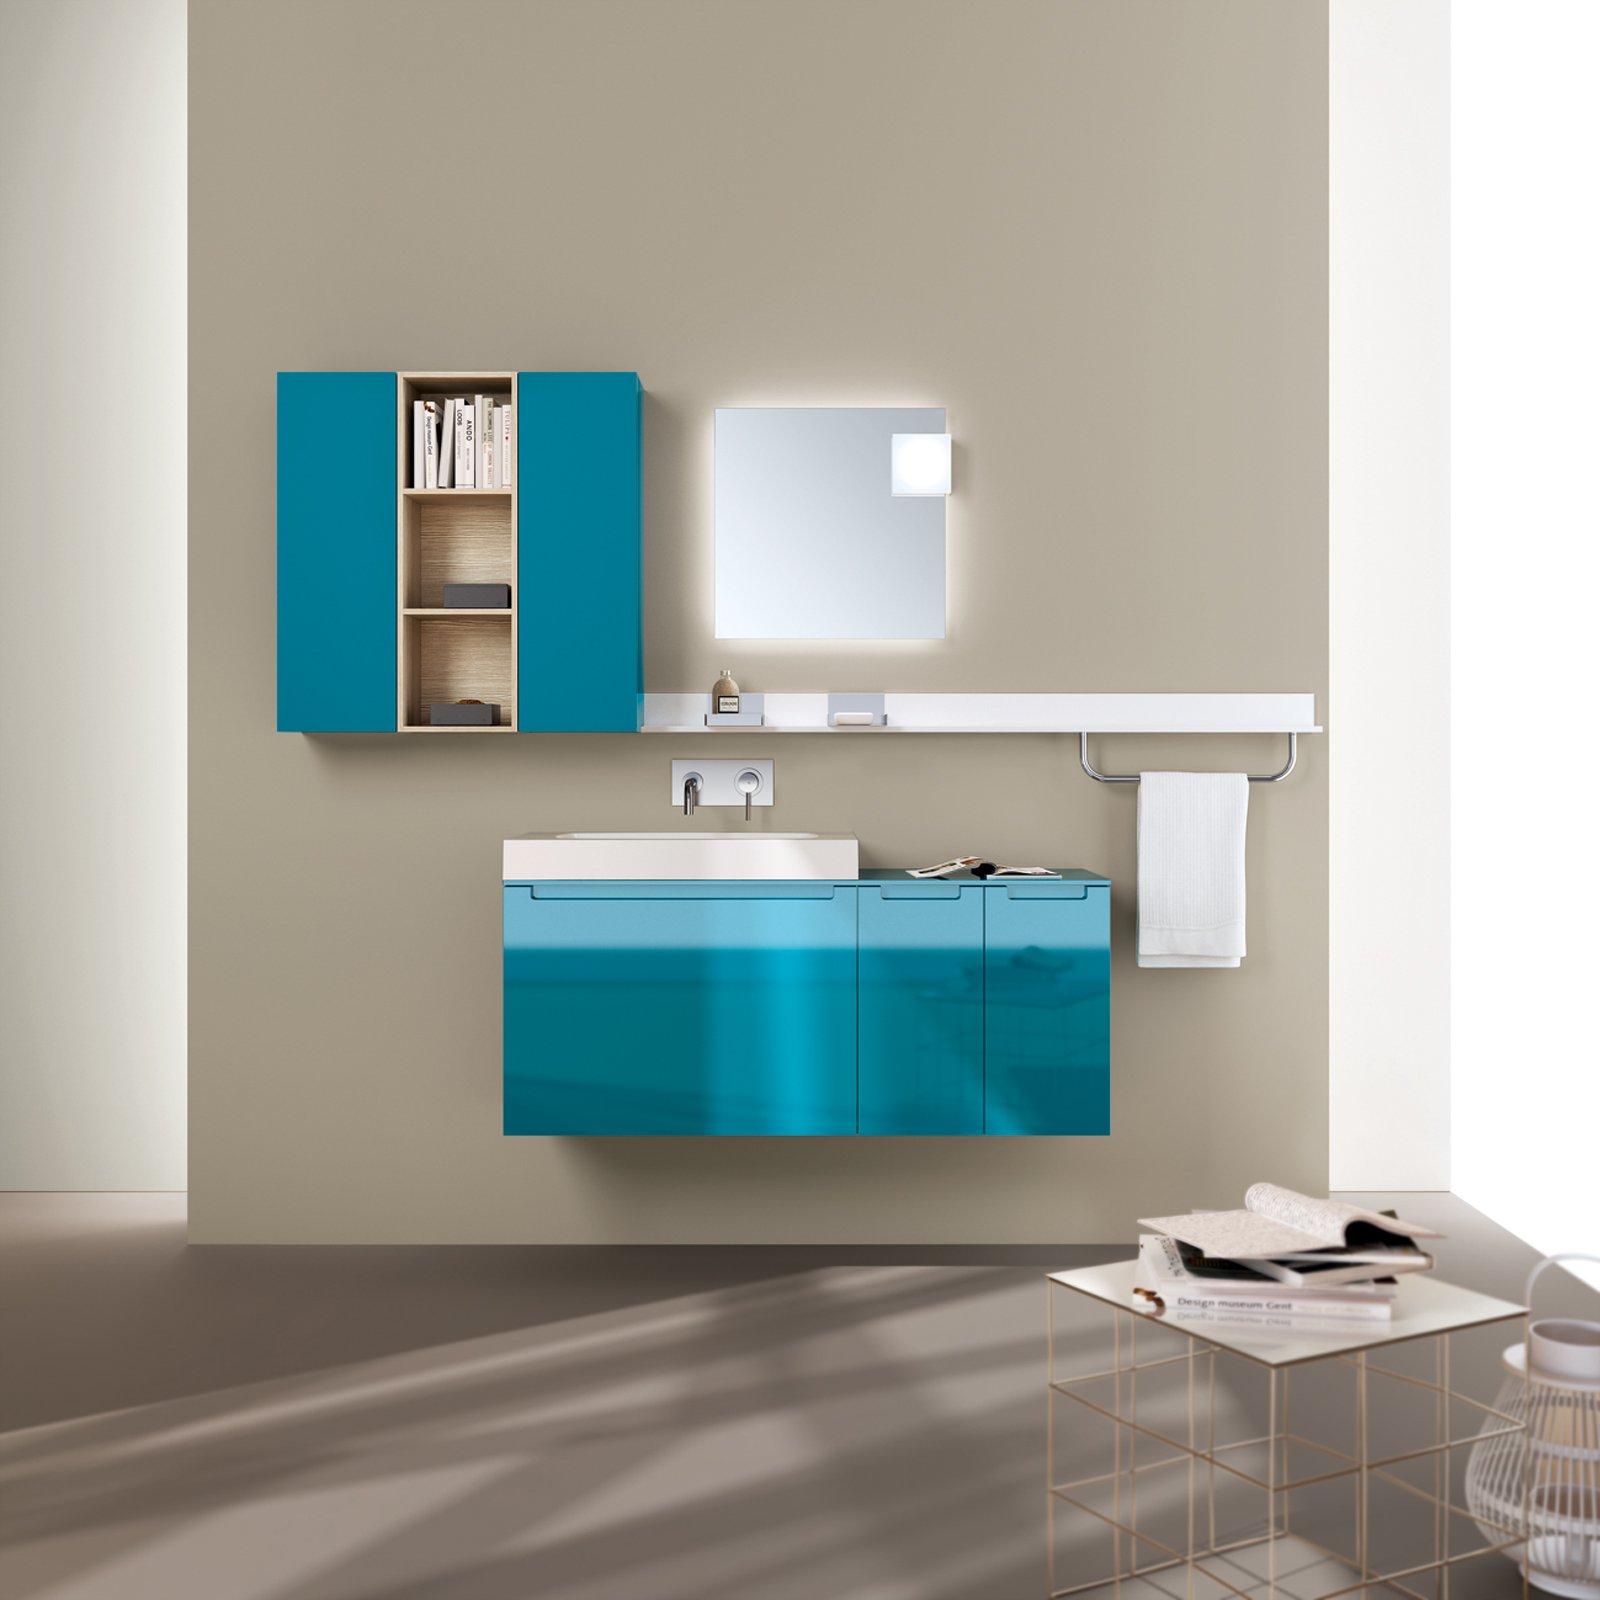 Bagno piccolo arredo componibile e salvaspazio cose di casa for Mobile lavabo bagno piccolo